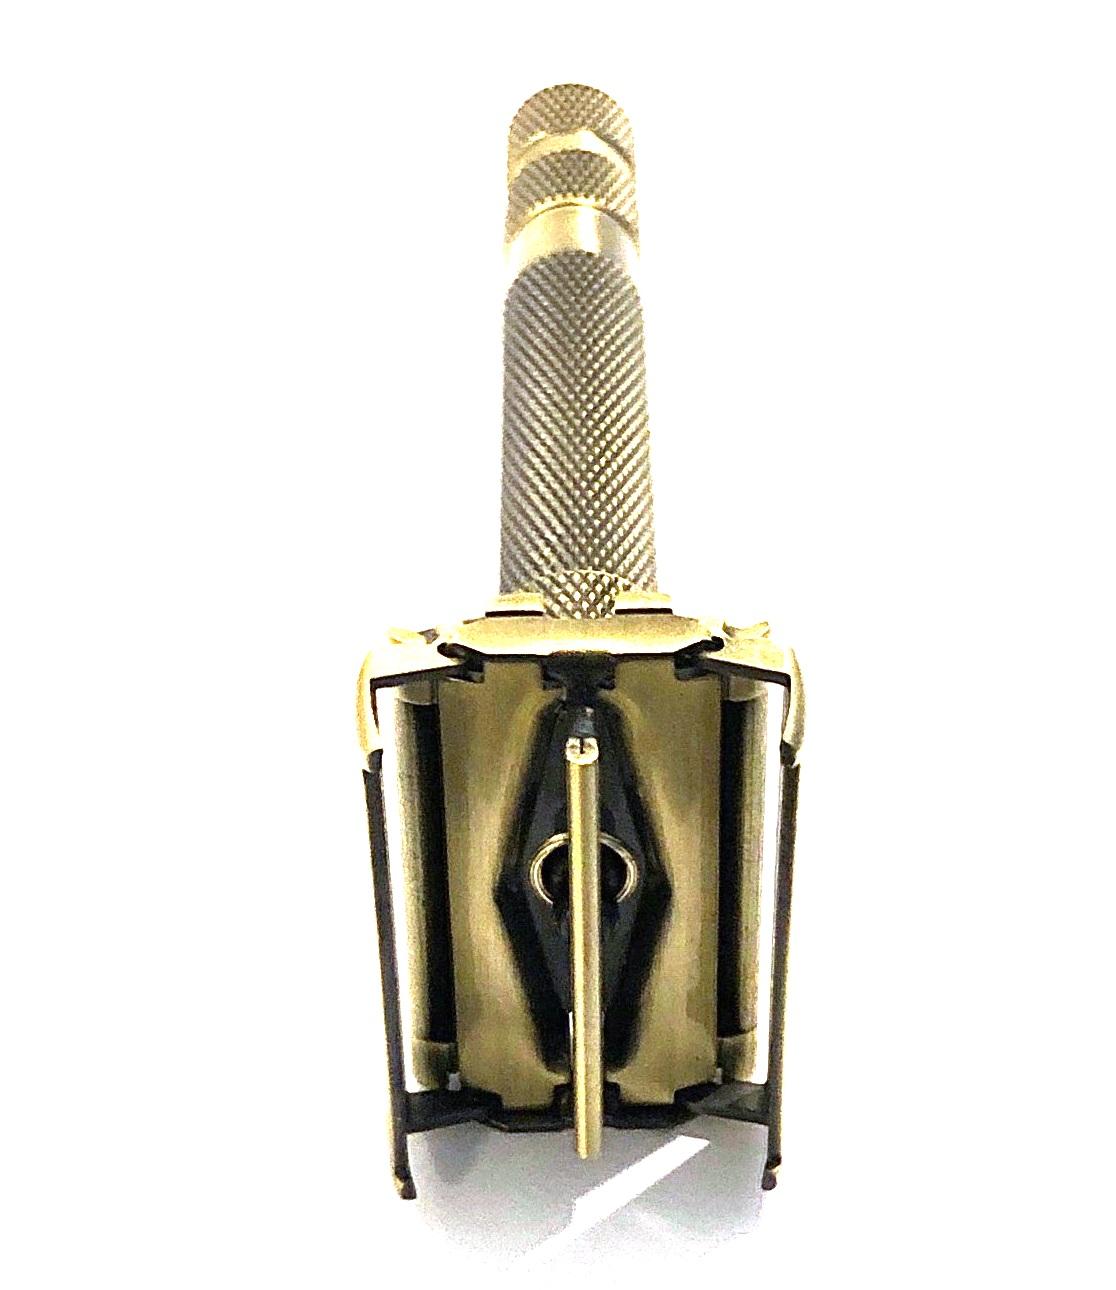 ידית גילוח מתכווננת בפתיחת פרפר גוון נחושת TS68G